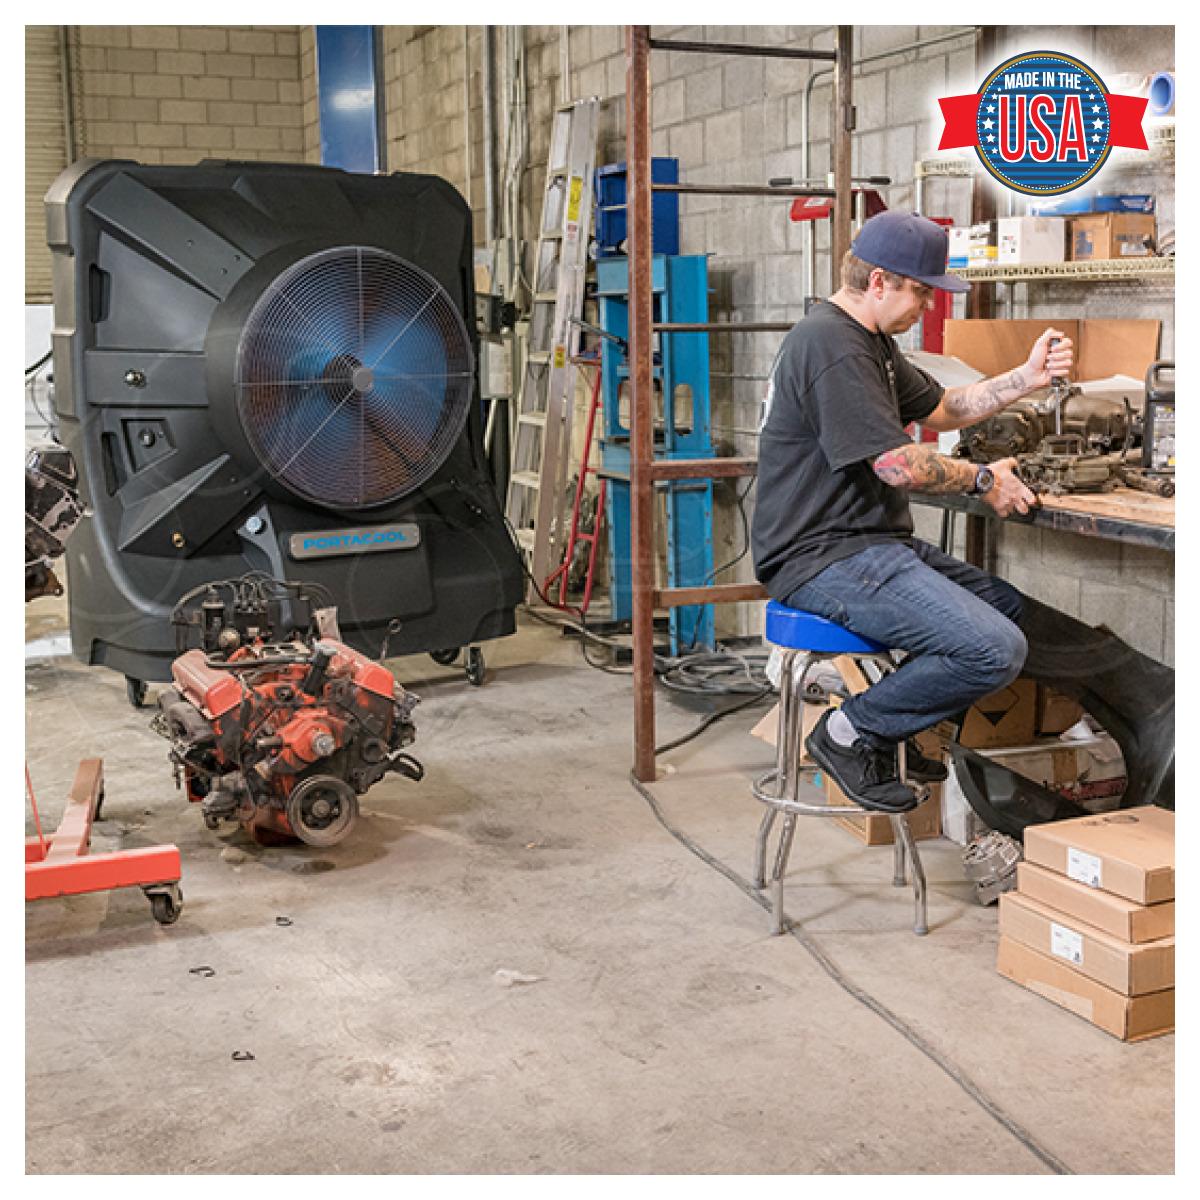 Portacool Jetstream 260 Portable Evaporative Cooler in auto repair shop